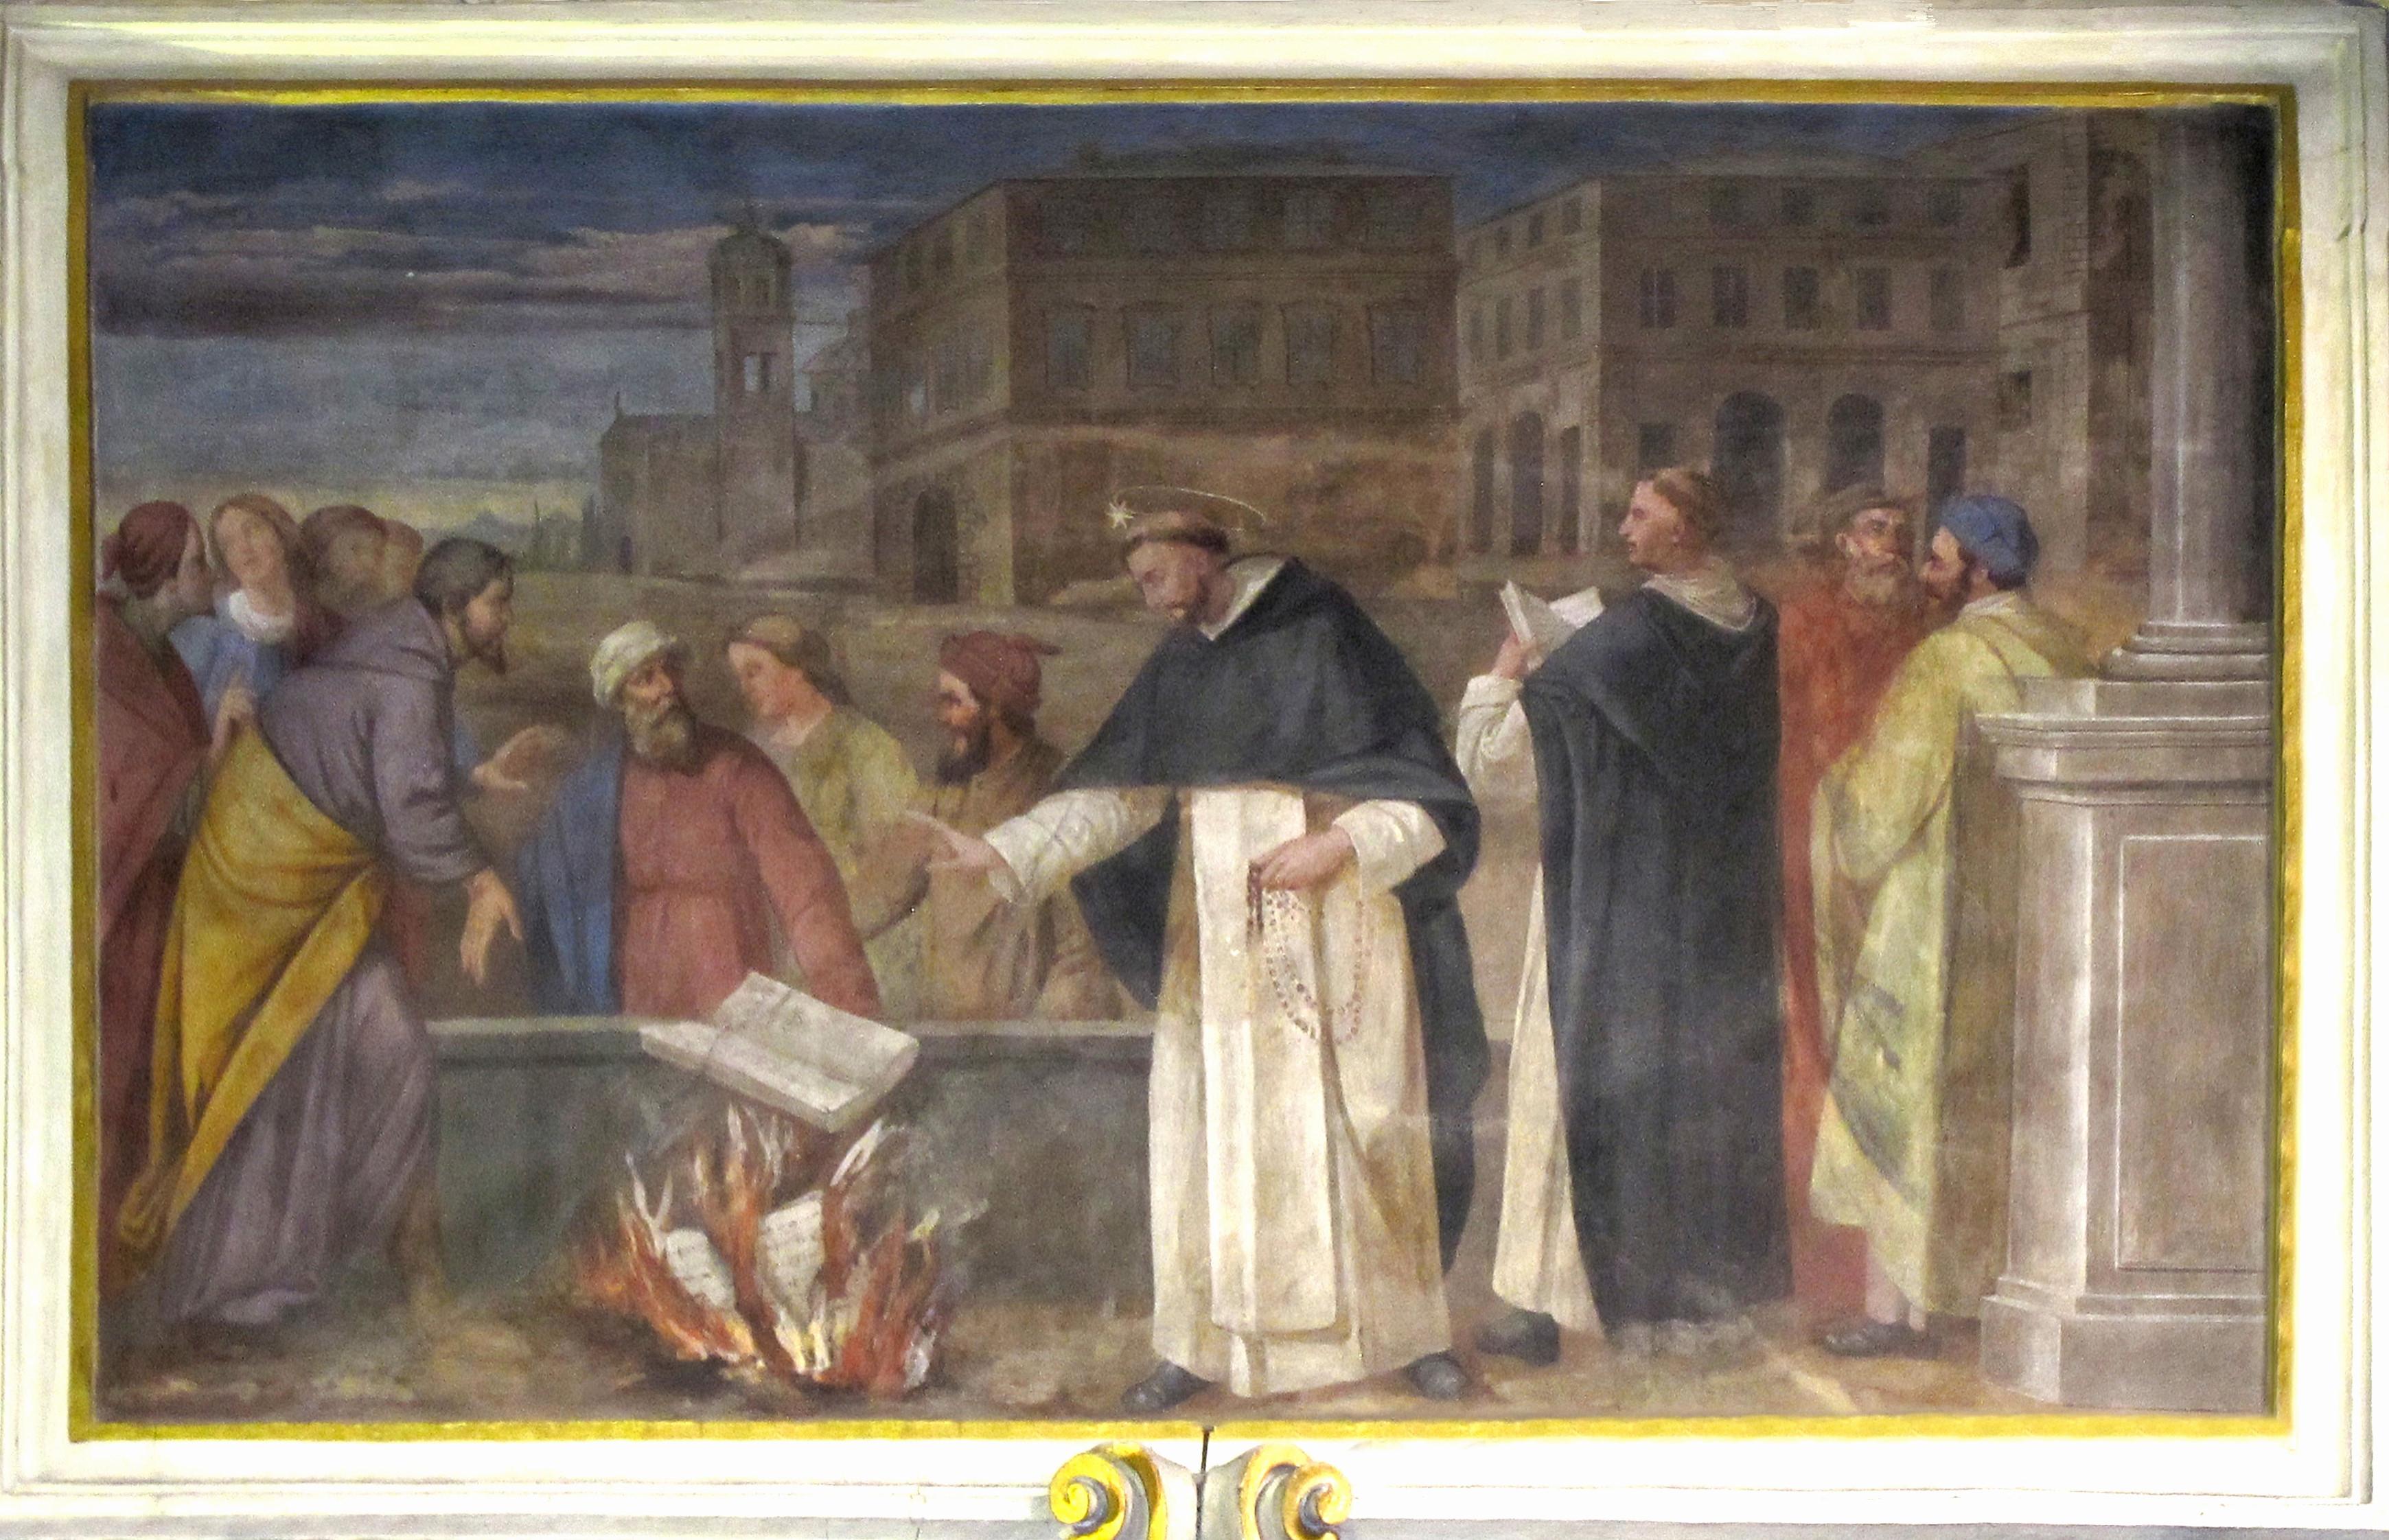 Scuola di Guglielmo Caccia (il Moncalvo), Il miracolo del libro (1615 ca.).